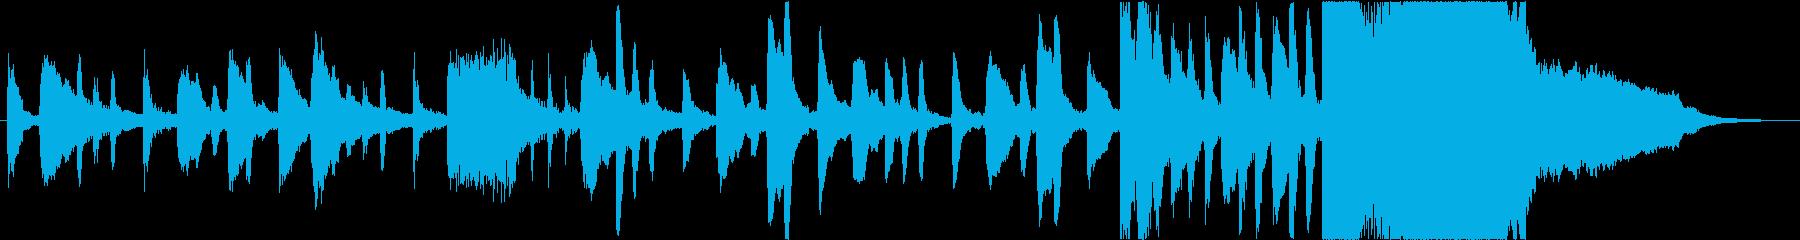 不思議・コミカルなシーンのBGM2の再生済みの波形